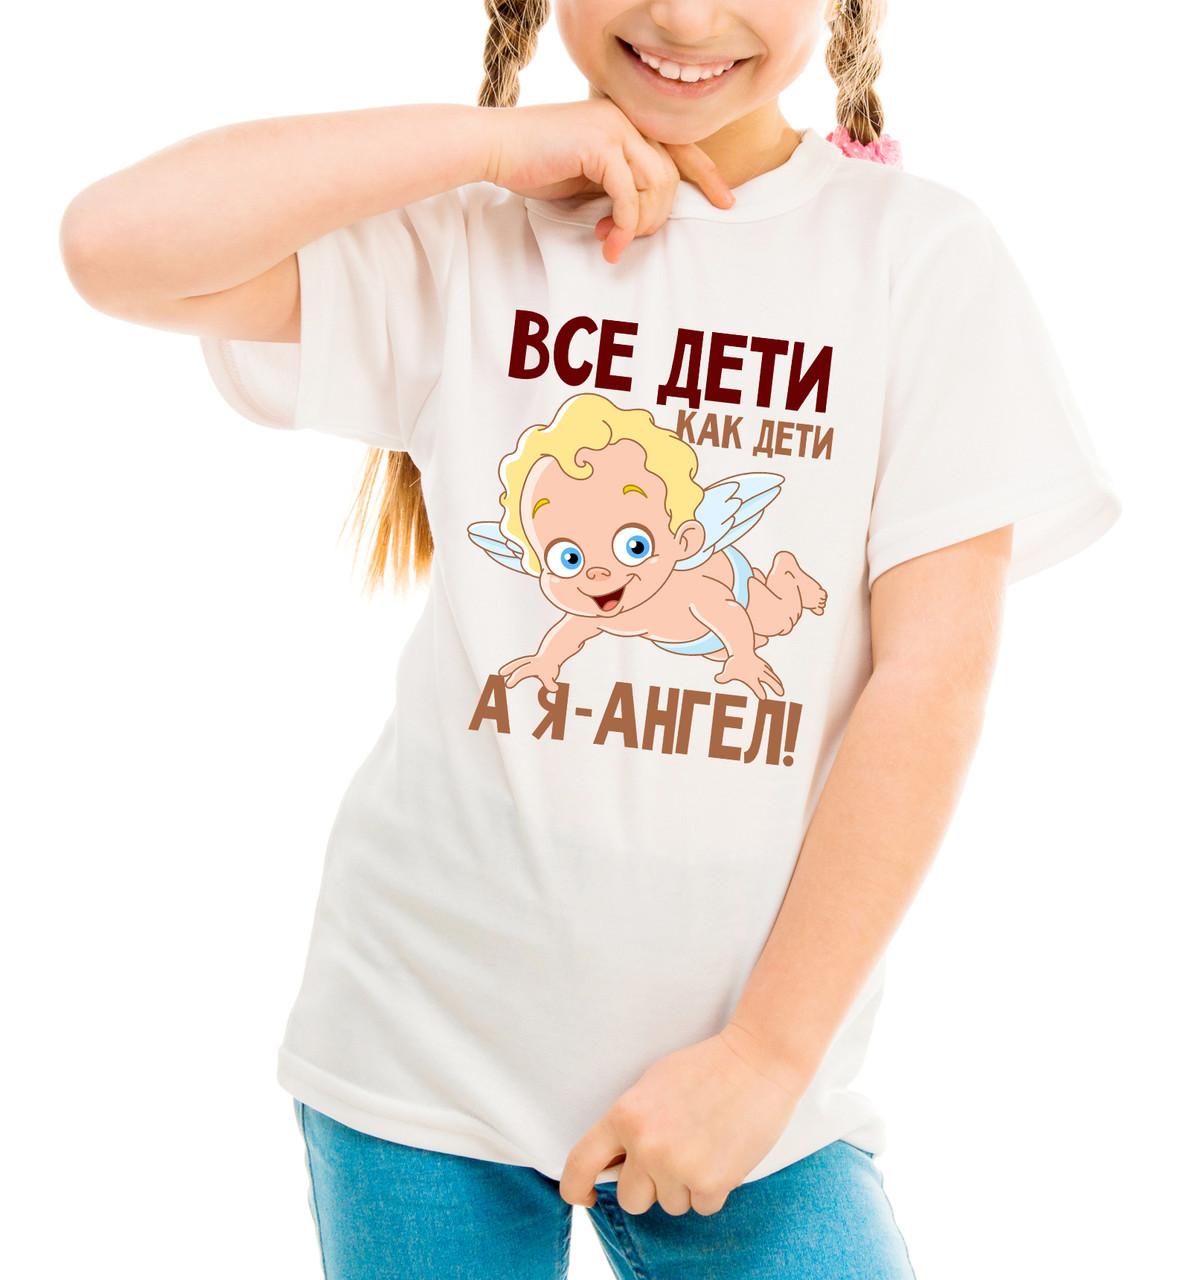 """Детская футболка """"Все дети как дети, а я ангел"""""""